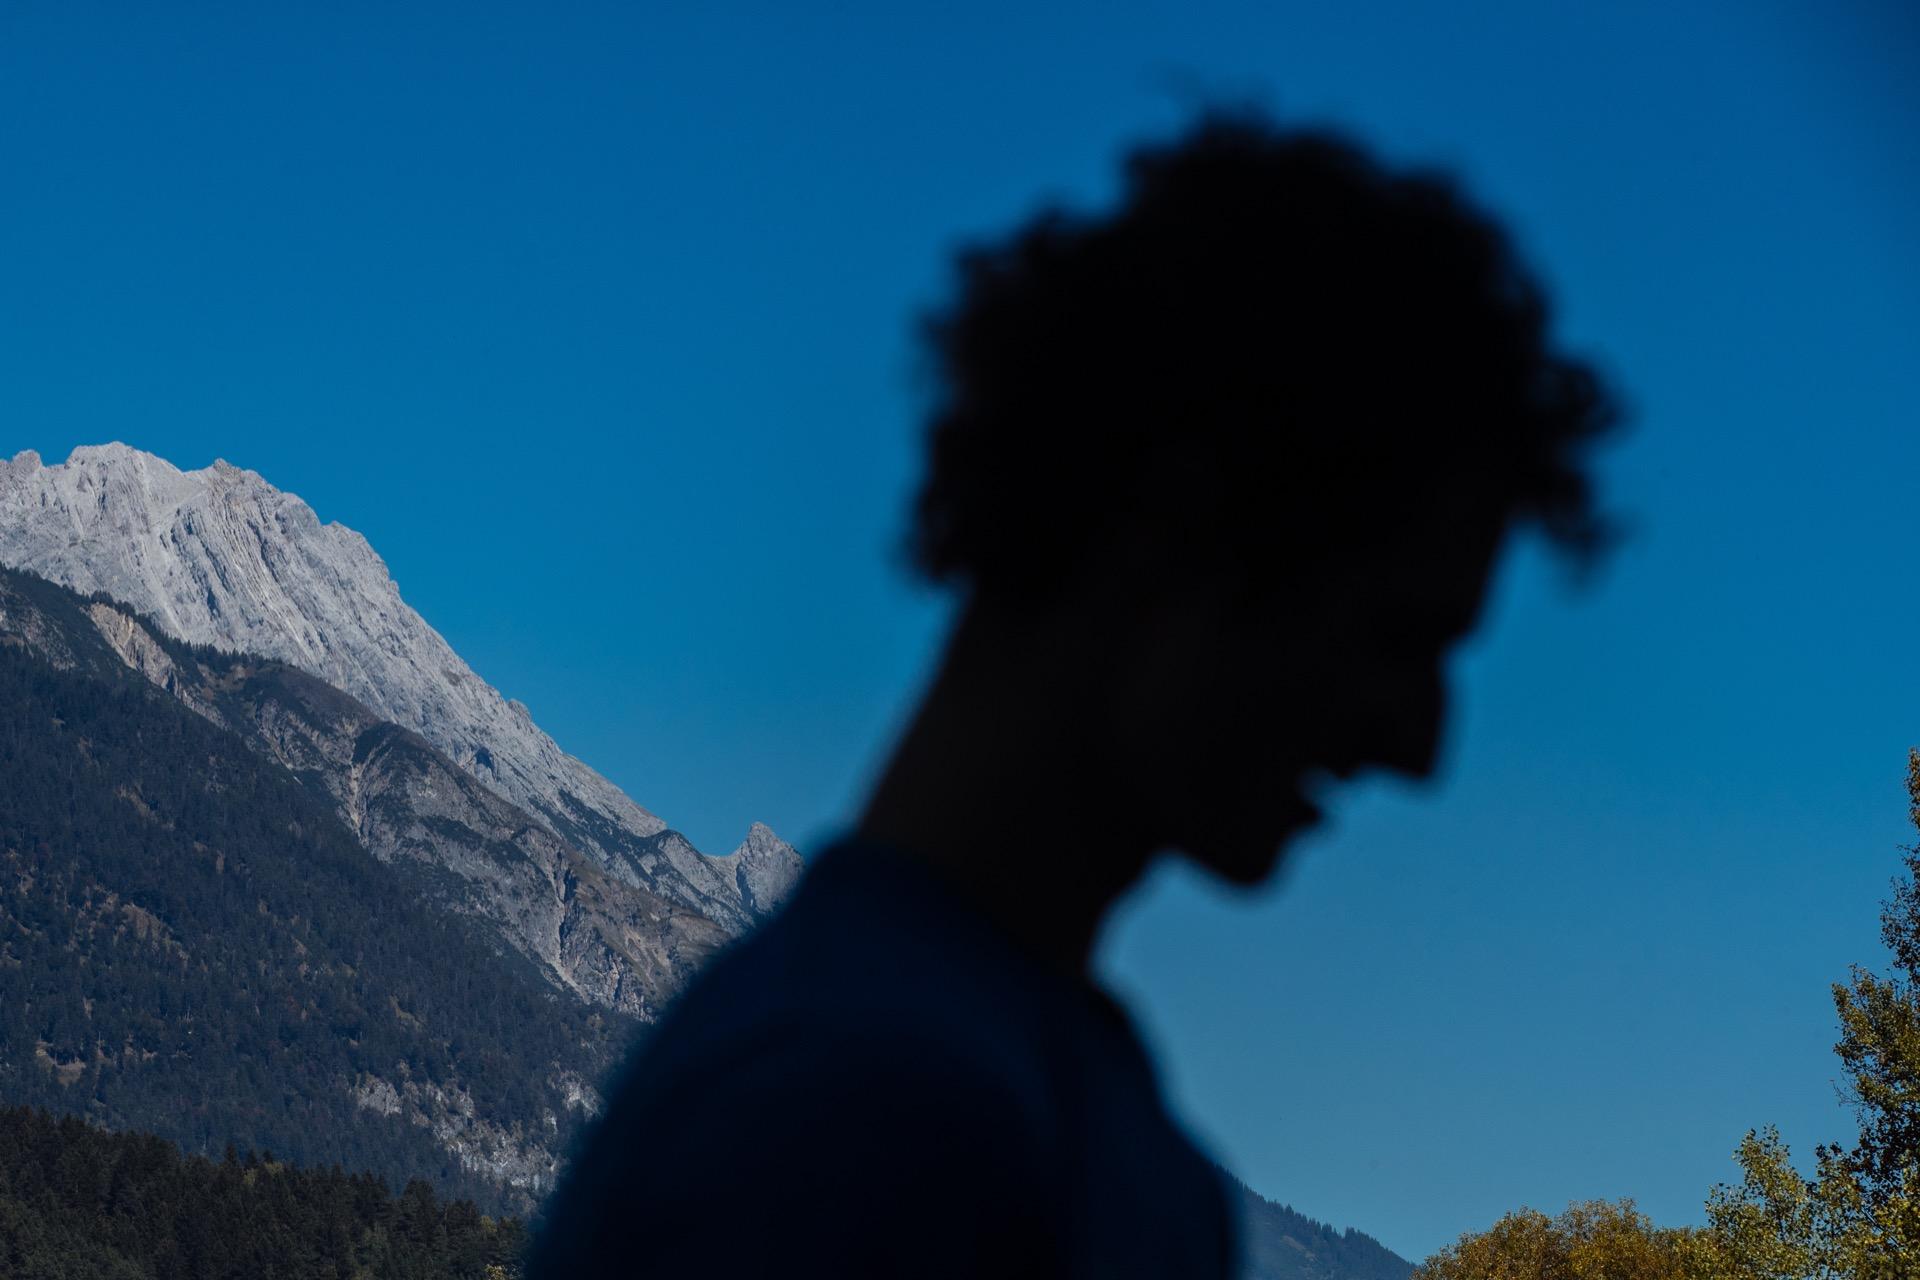 Adam Ondra na fotce Lukáše Bíby